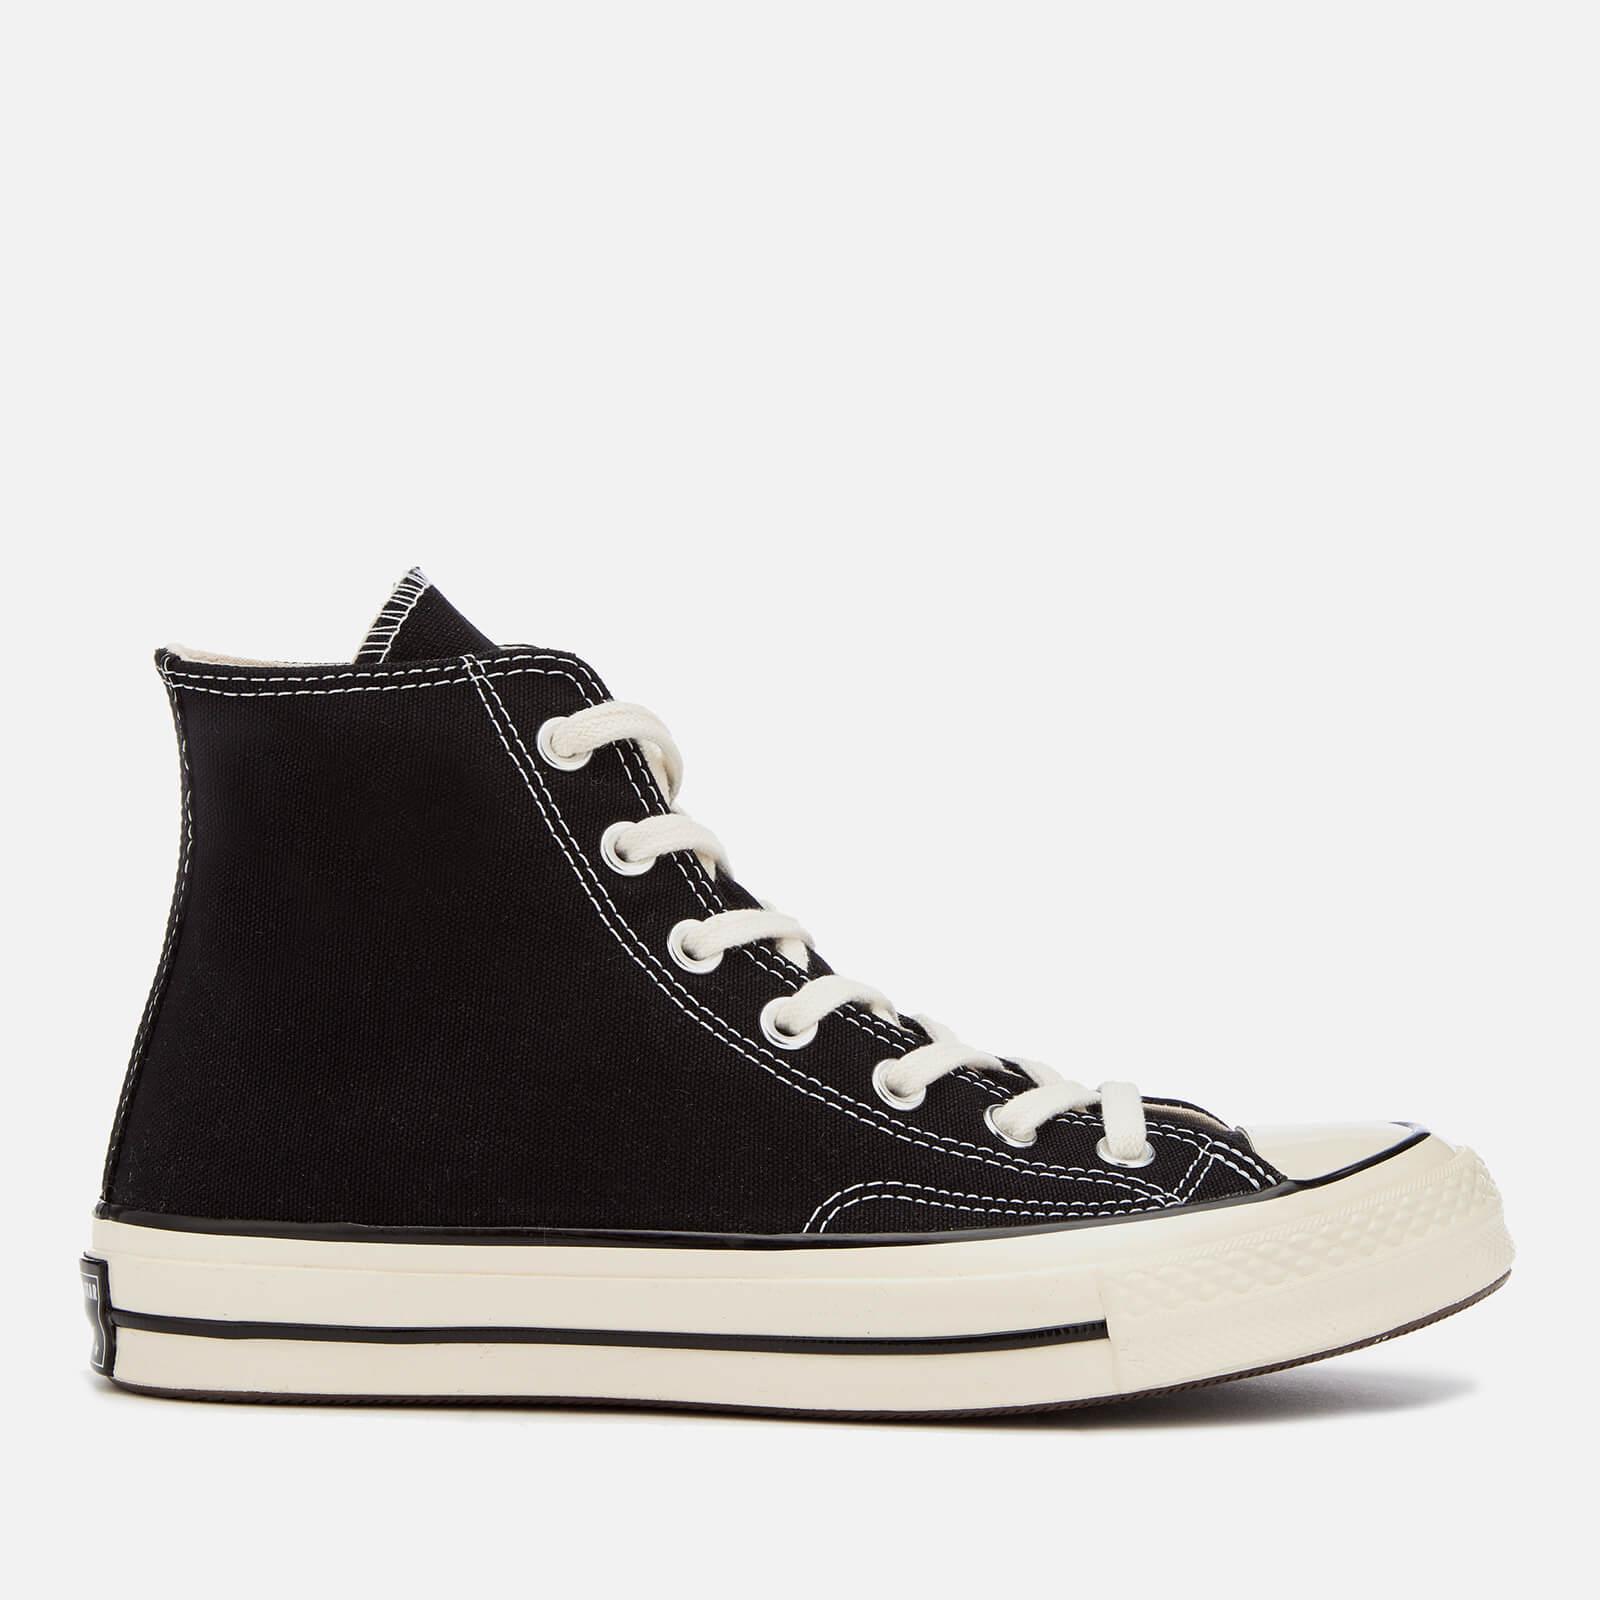 Converse Chuck 70 Hi-Top Trainers - Black/Black/Egret - UK 4 - Black